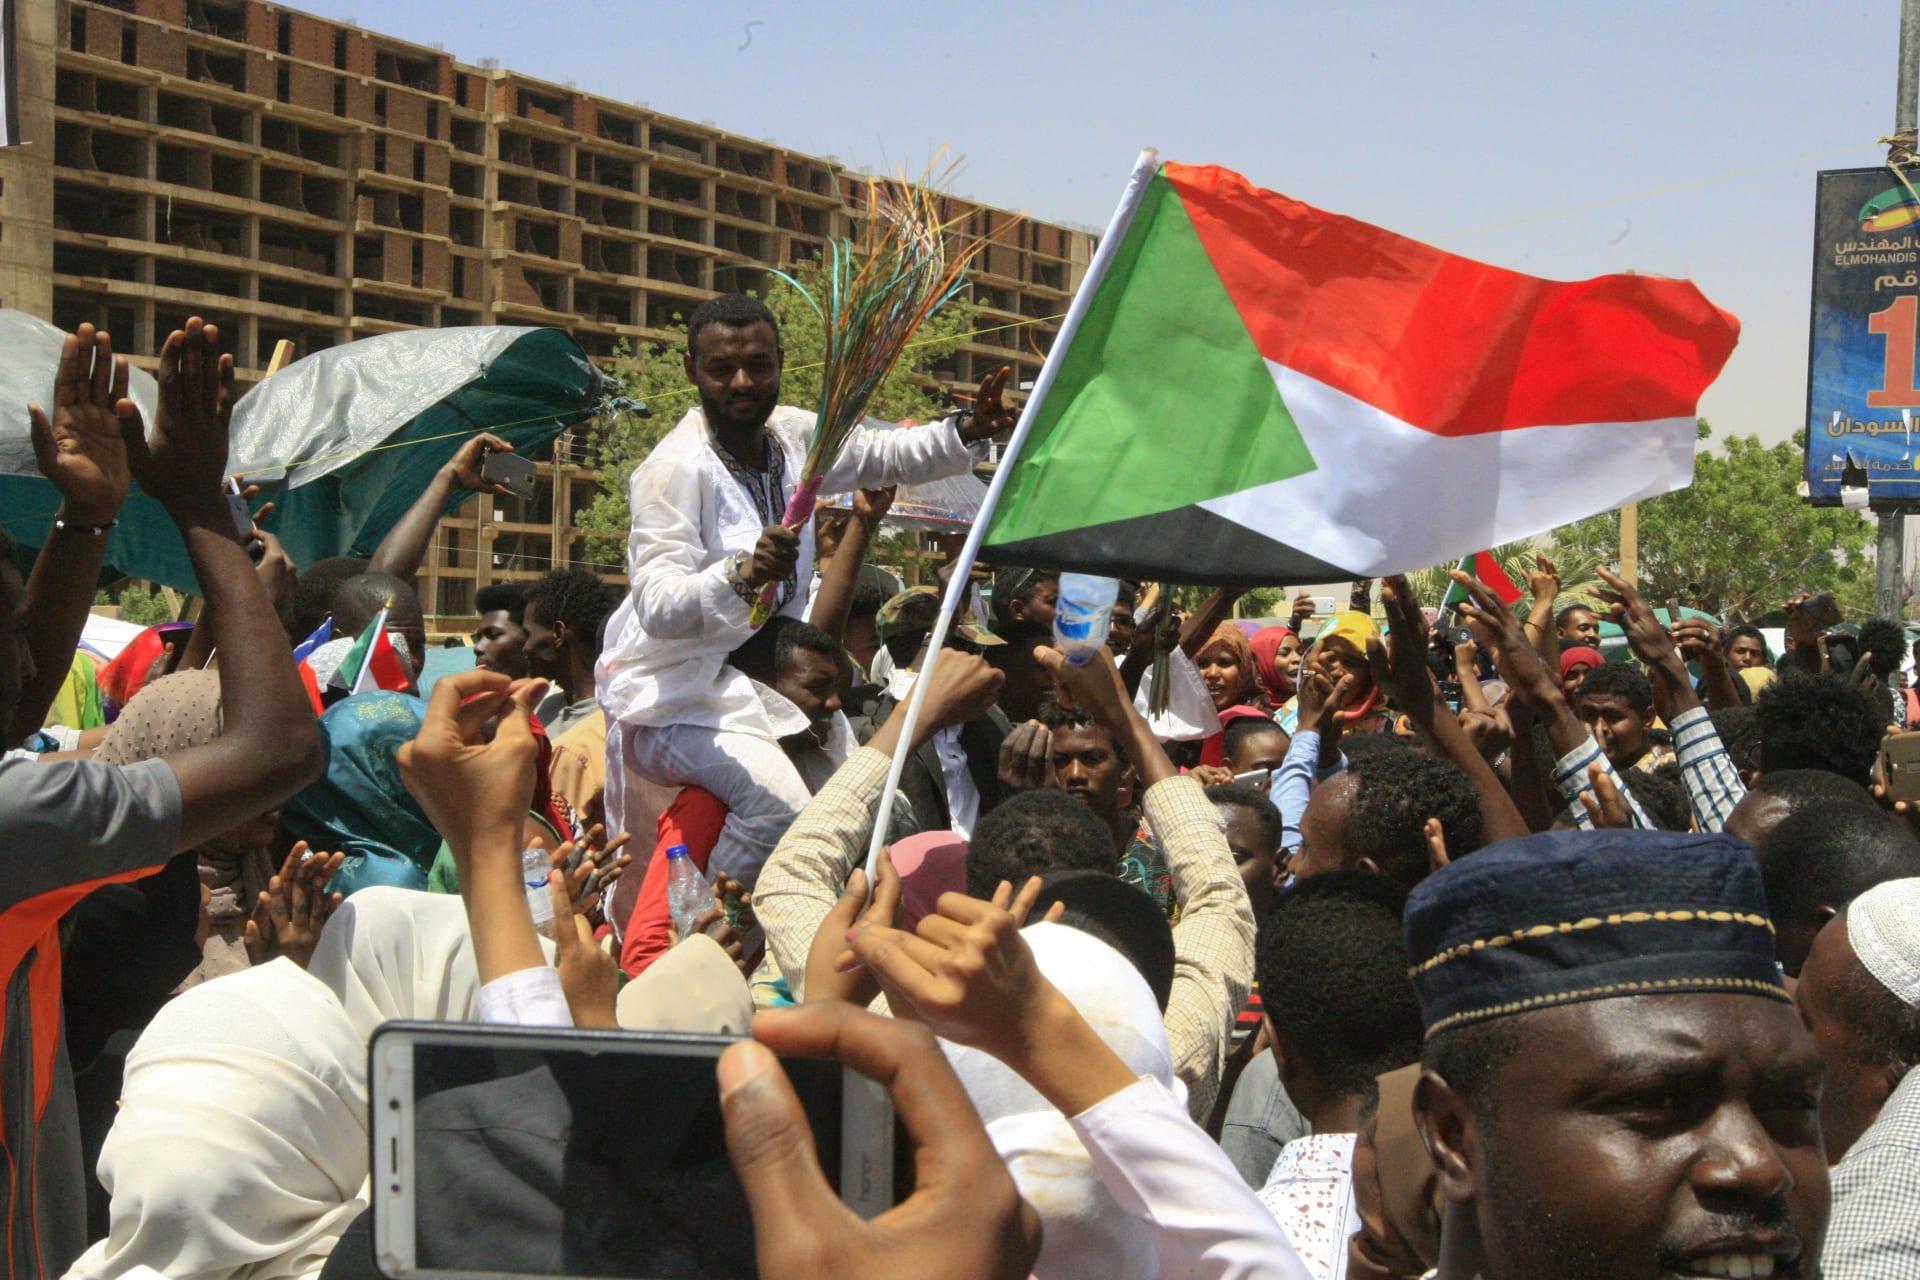 وفد أمريكي يلتقي رئيس المجلس العسكري في السودان ويطالب بانتقال سريع وسلس للسلطة